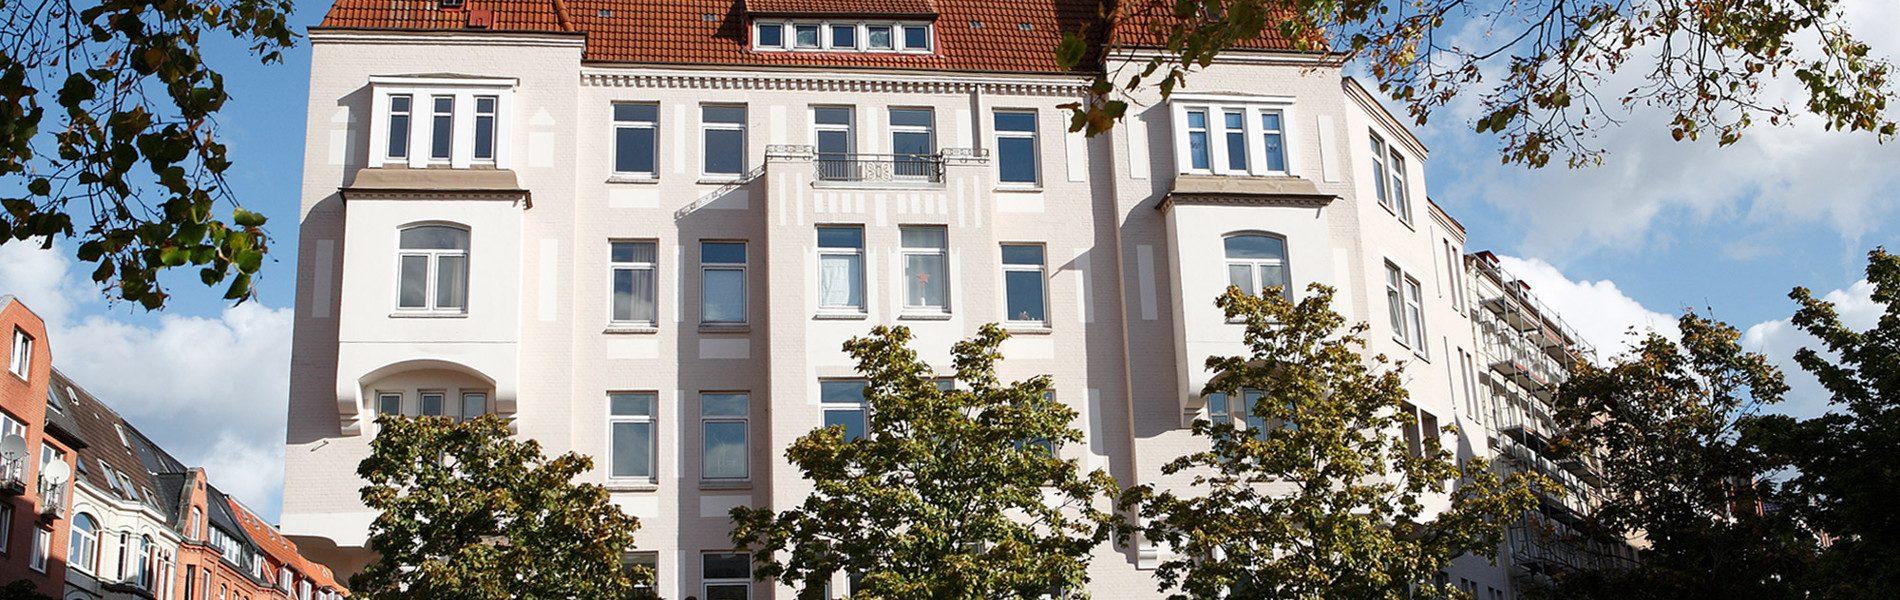 Elisabethstraße 59, Kiel